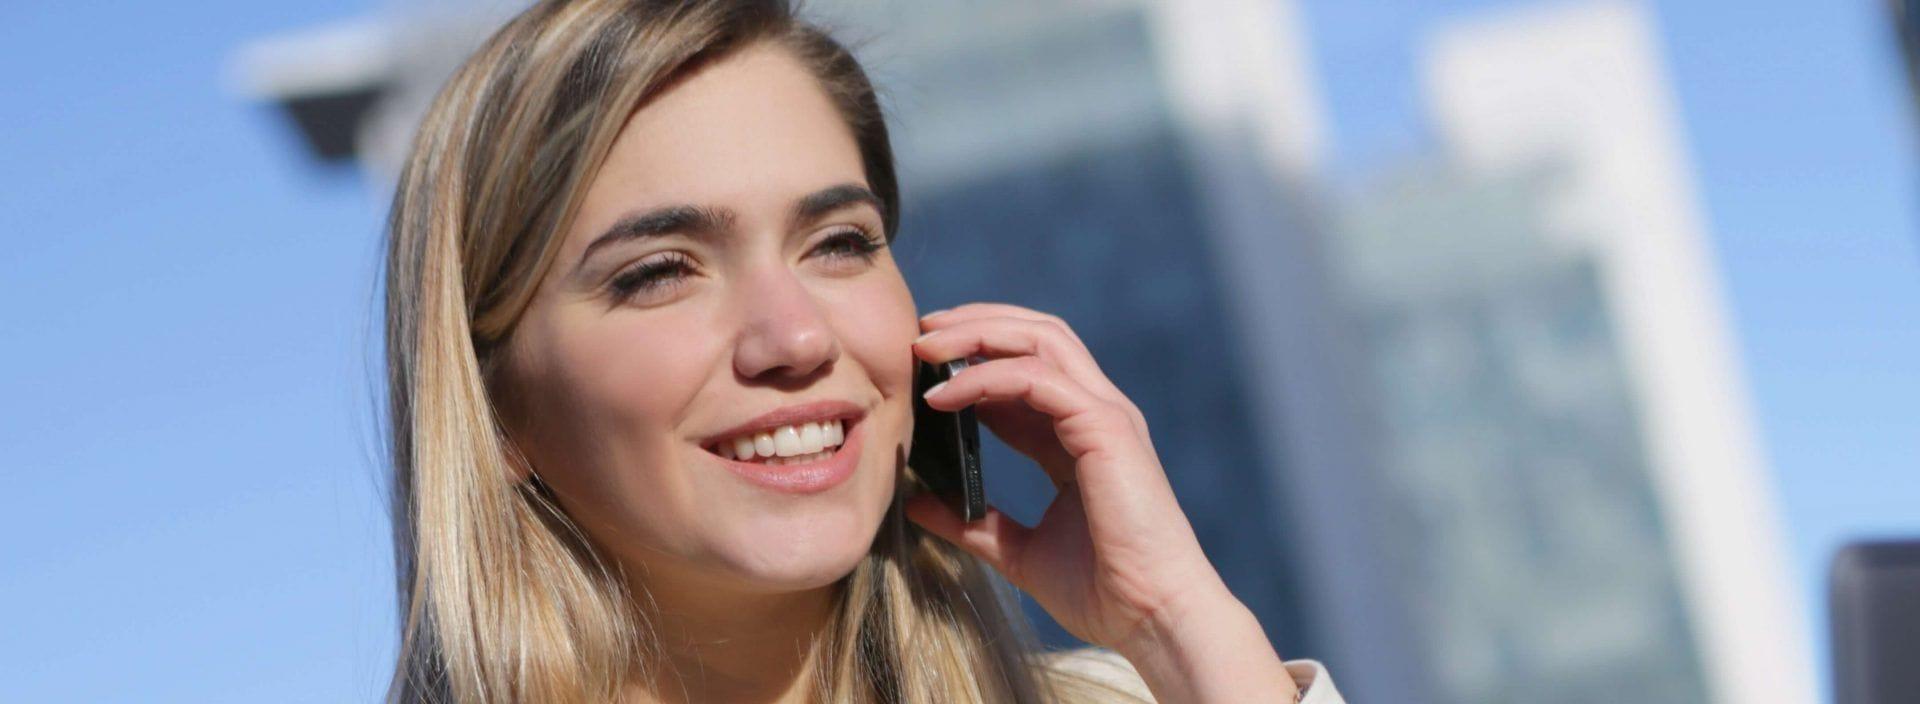 Telefonon beszélő nő